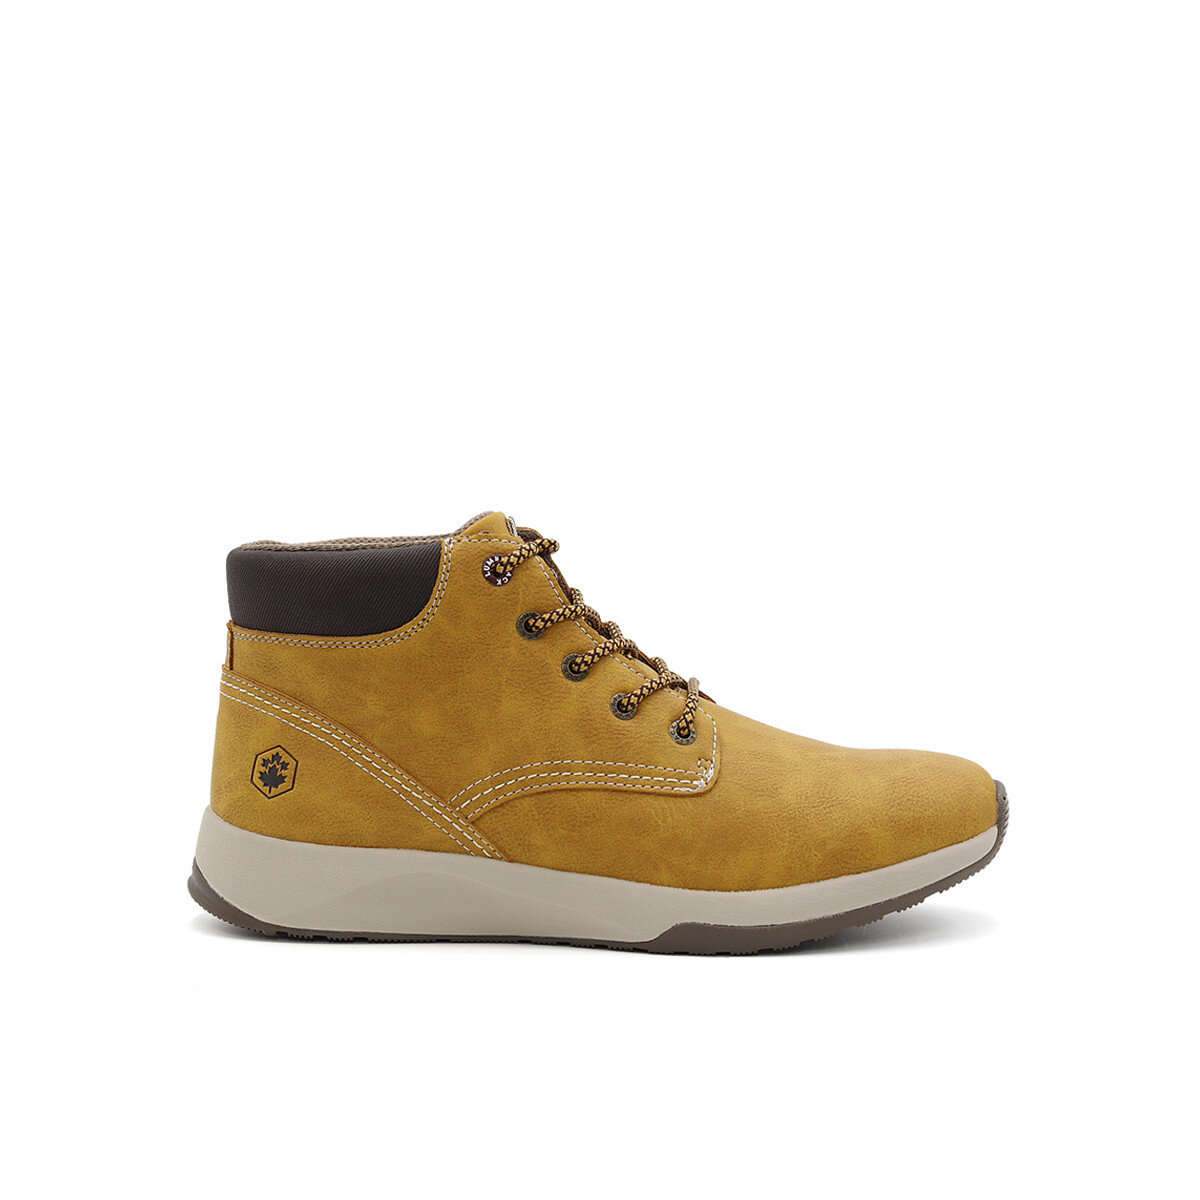 NANTES Sneakers Uomo